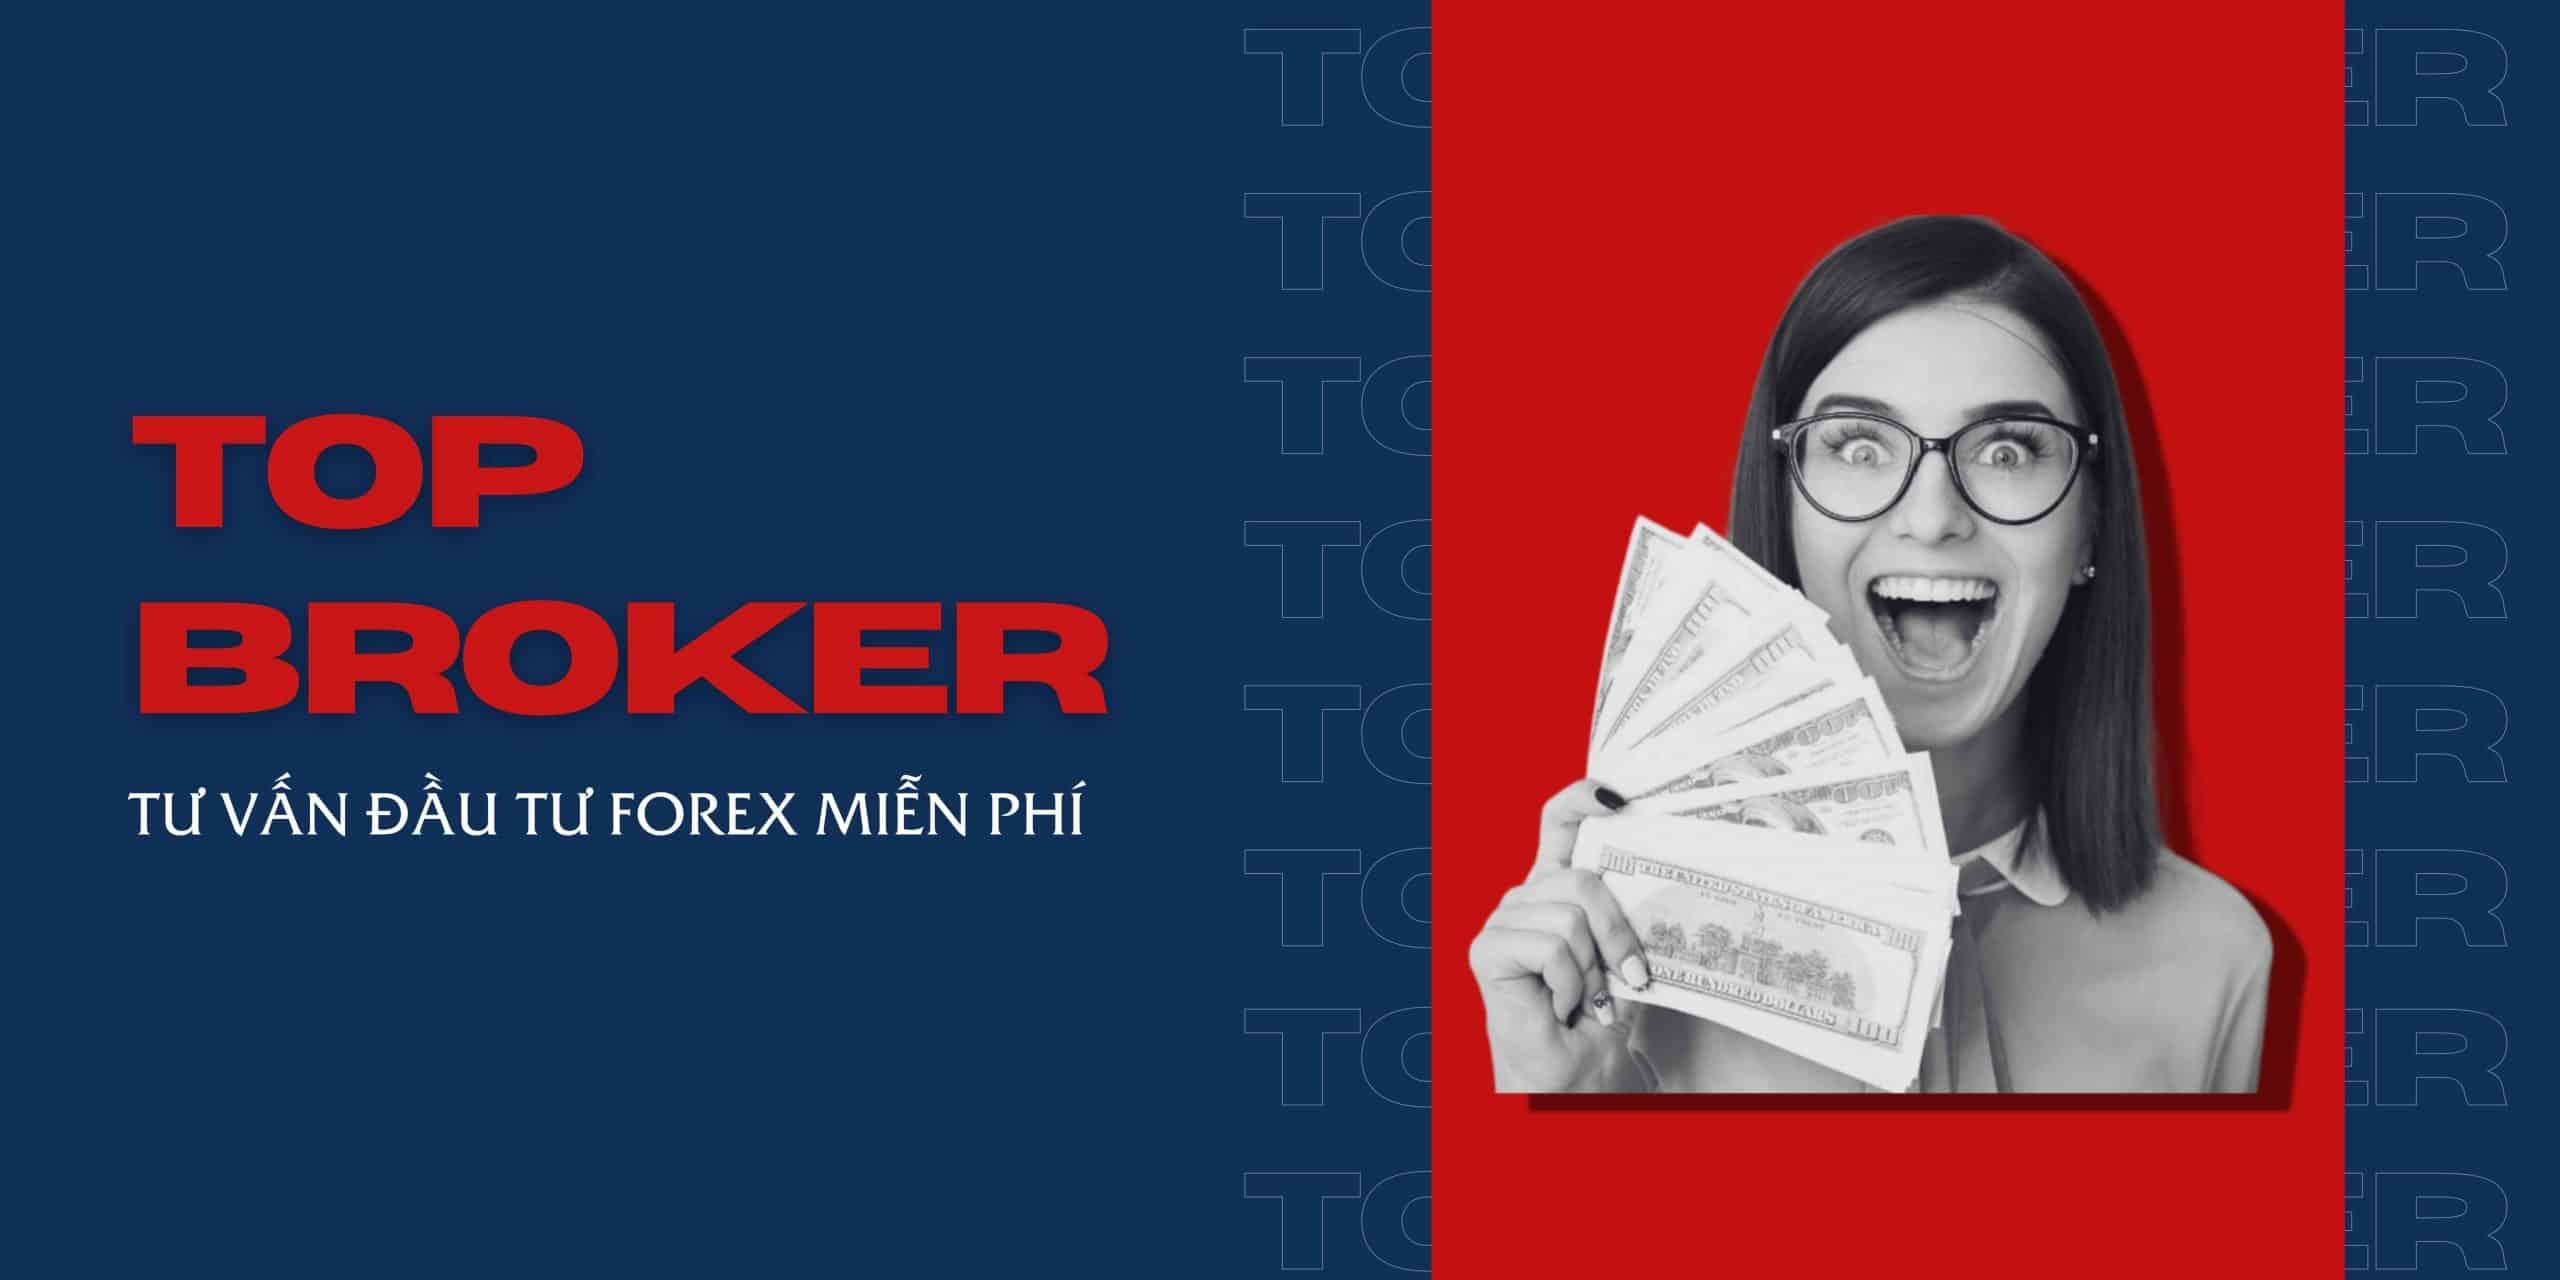 Top Broker Là Gì? Tư Vấn Đầu Tư Forex Uy Tín Không? - Topbrokervn.com